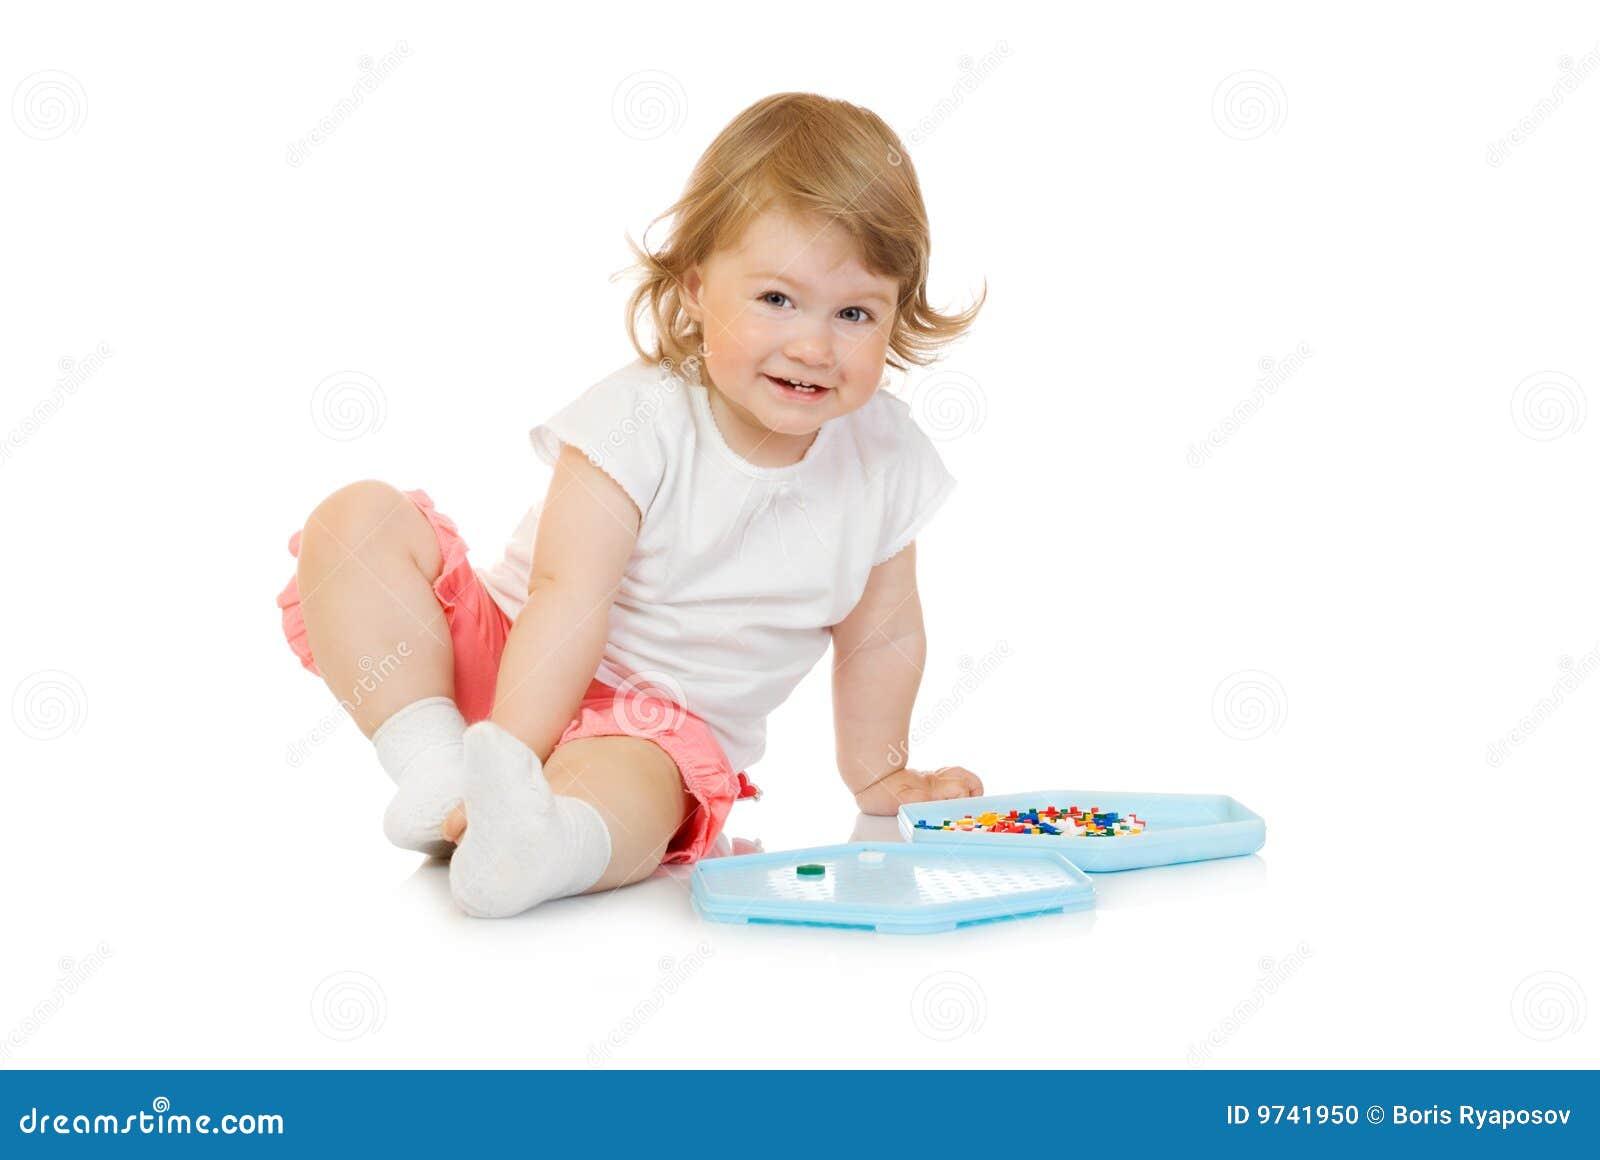 Klein meisje met stuk speelgoed moza ek stock foto beeld 9741950 - Foto slaapkamer klein meisje ...